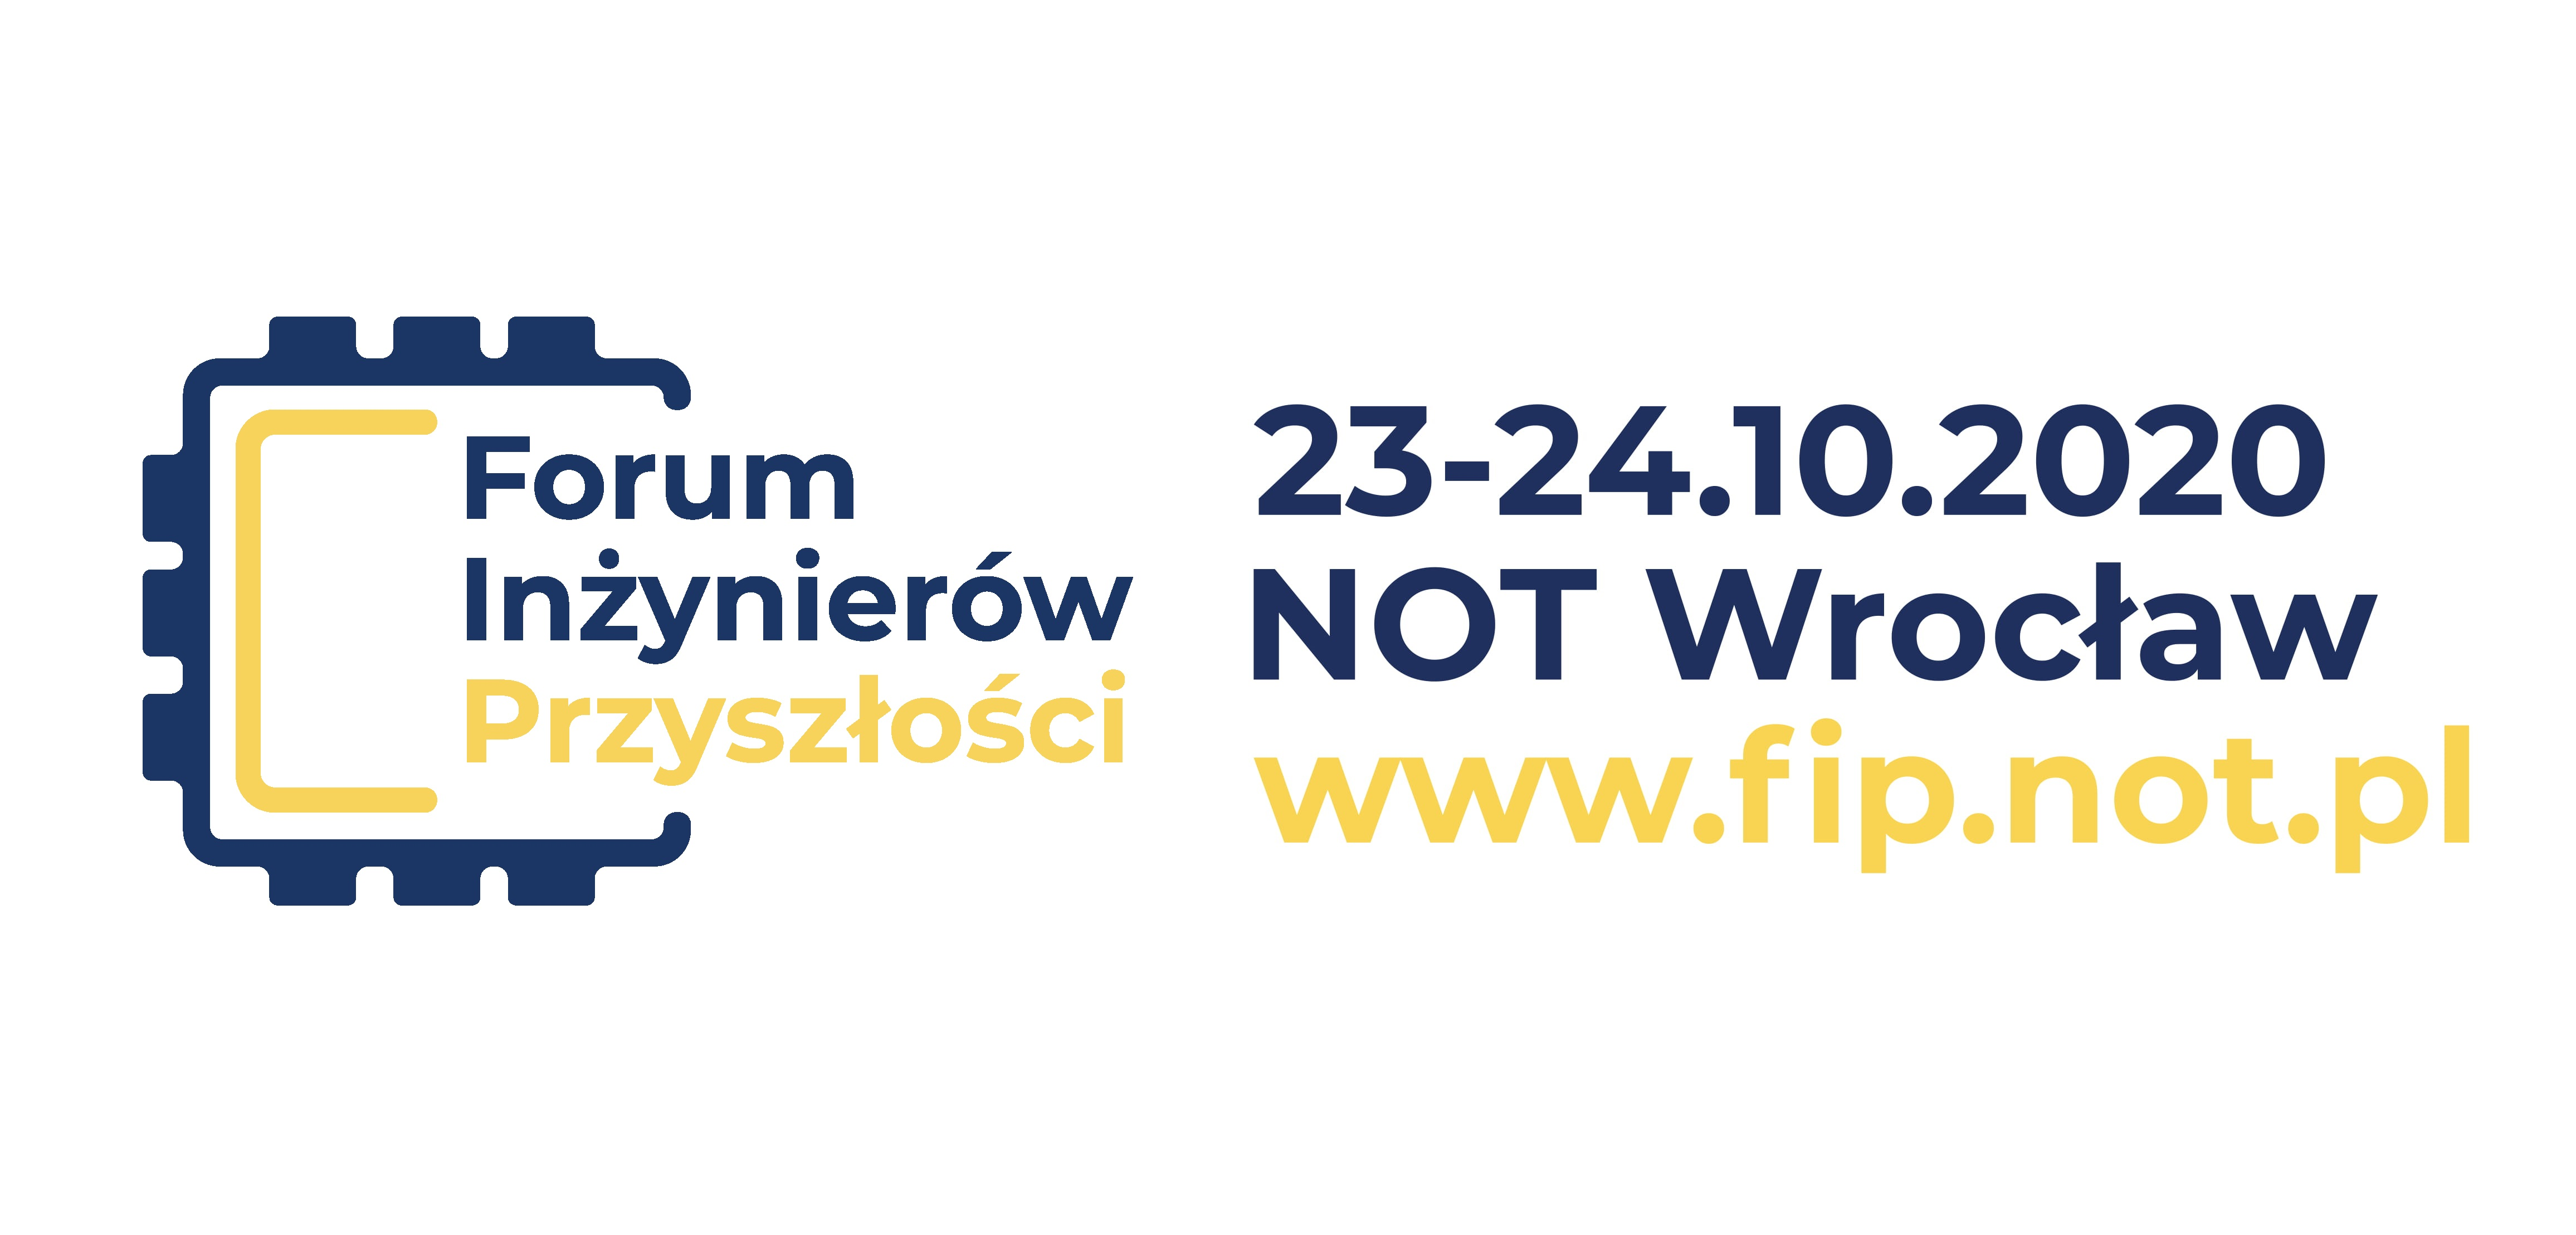 Forum Inżynierów Przyszłości